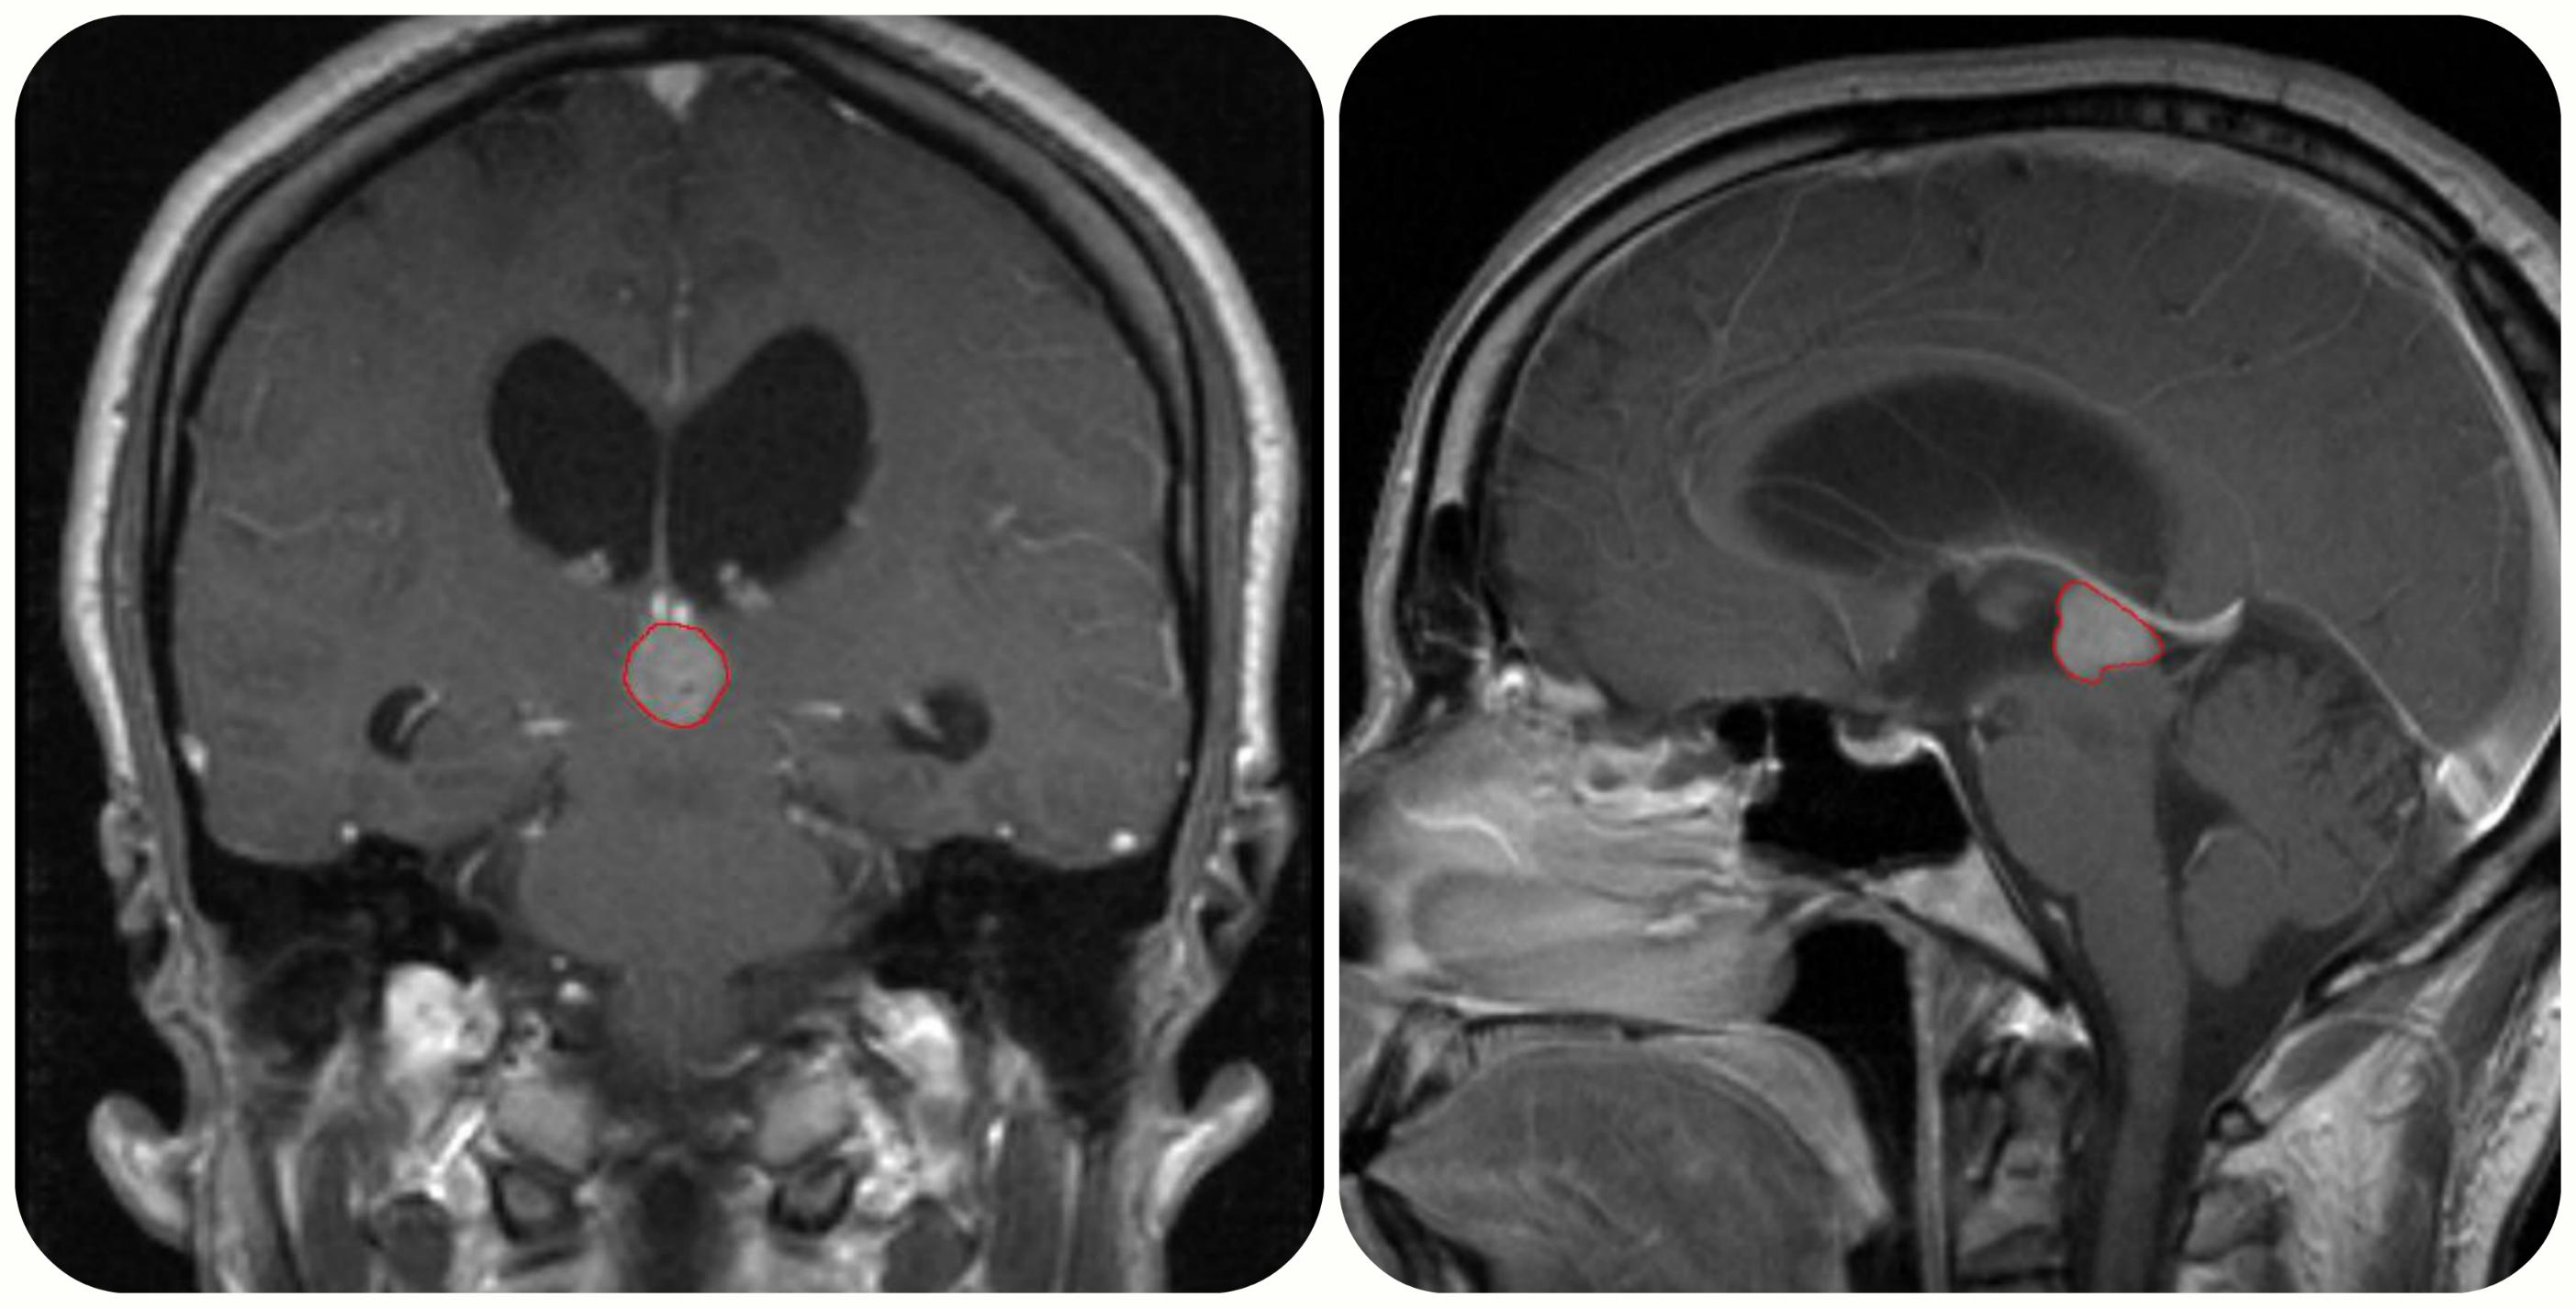 МРТ-исследовани шишковидной железы